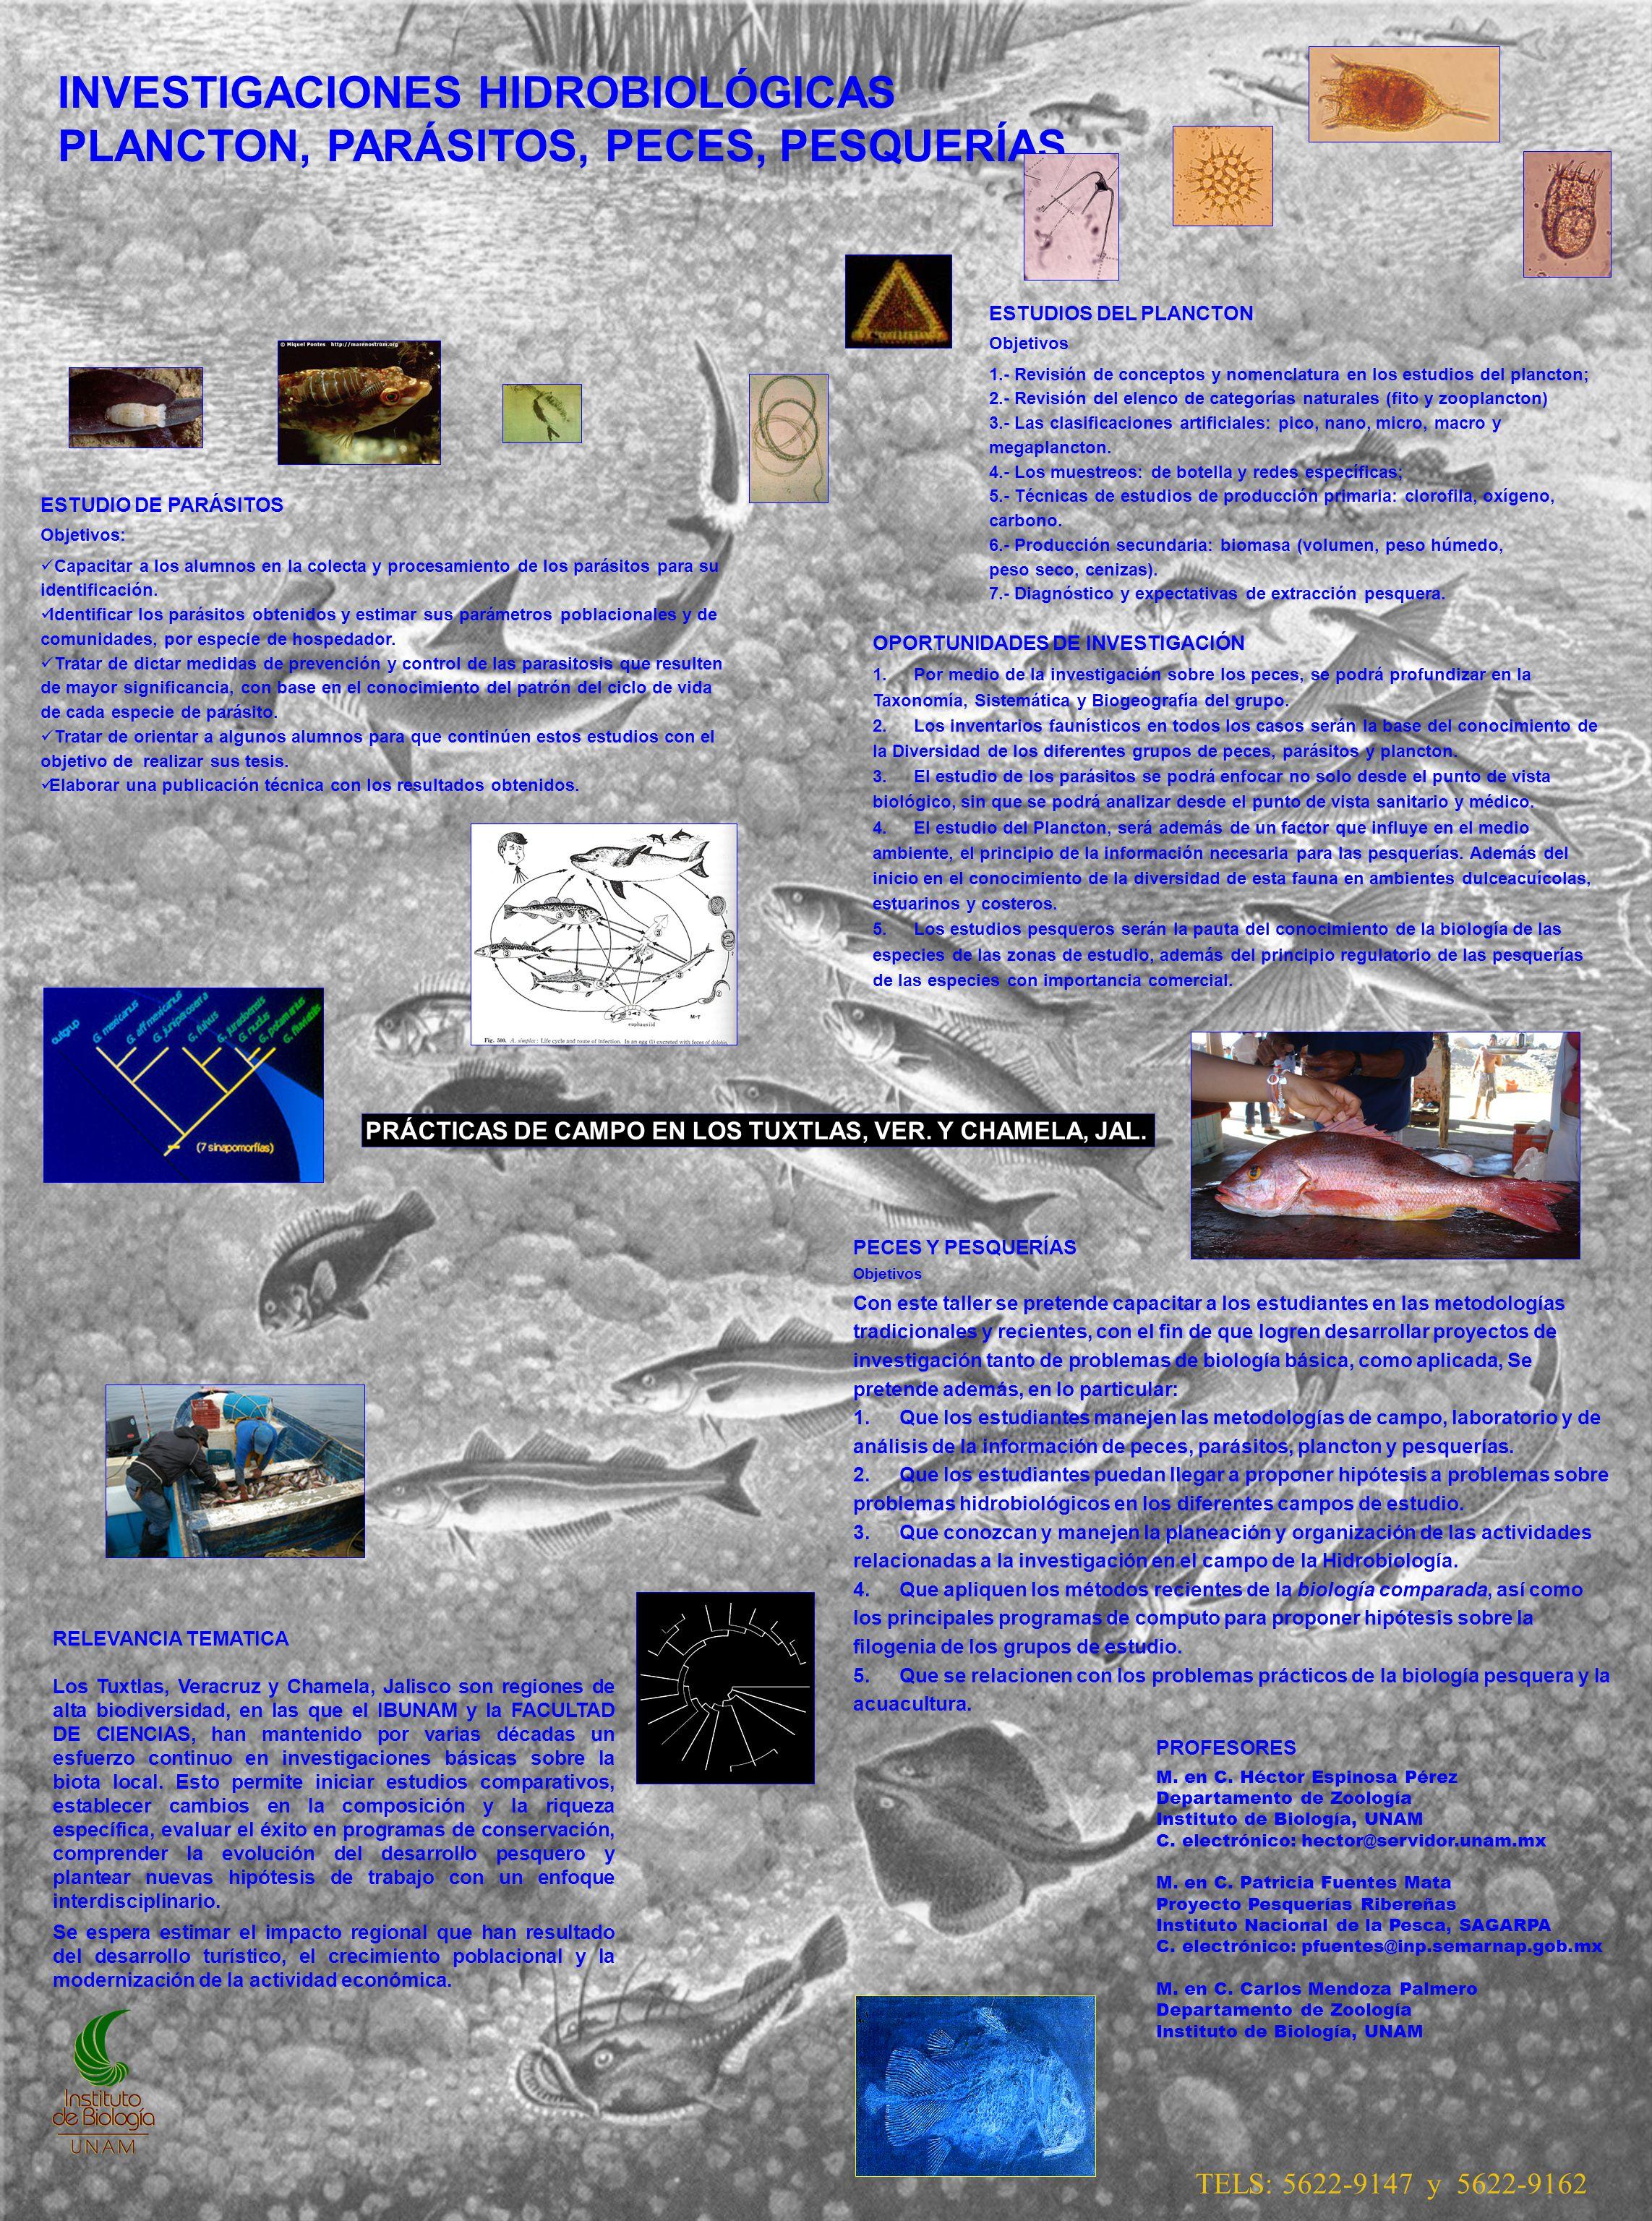 INVESTIGACIONES HIDROBIOLÓGICAS PLANCTON, PARÁSITOS, PECES, PESQUERÍAS. PROFESORES M. en C. Héctor Espinosa Pérez Departamento de Zoología Instituto d